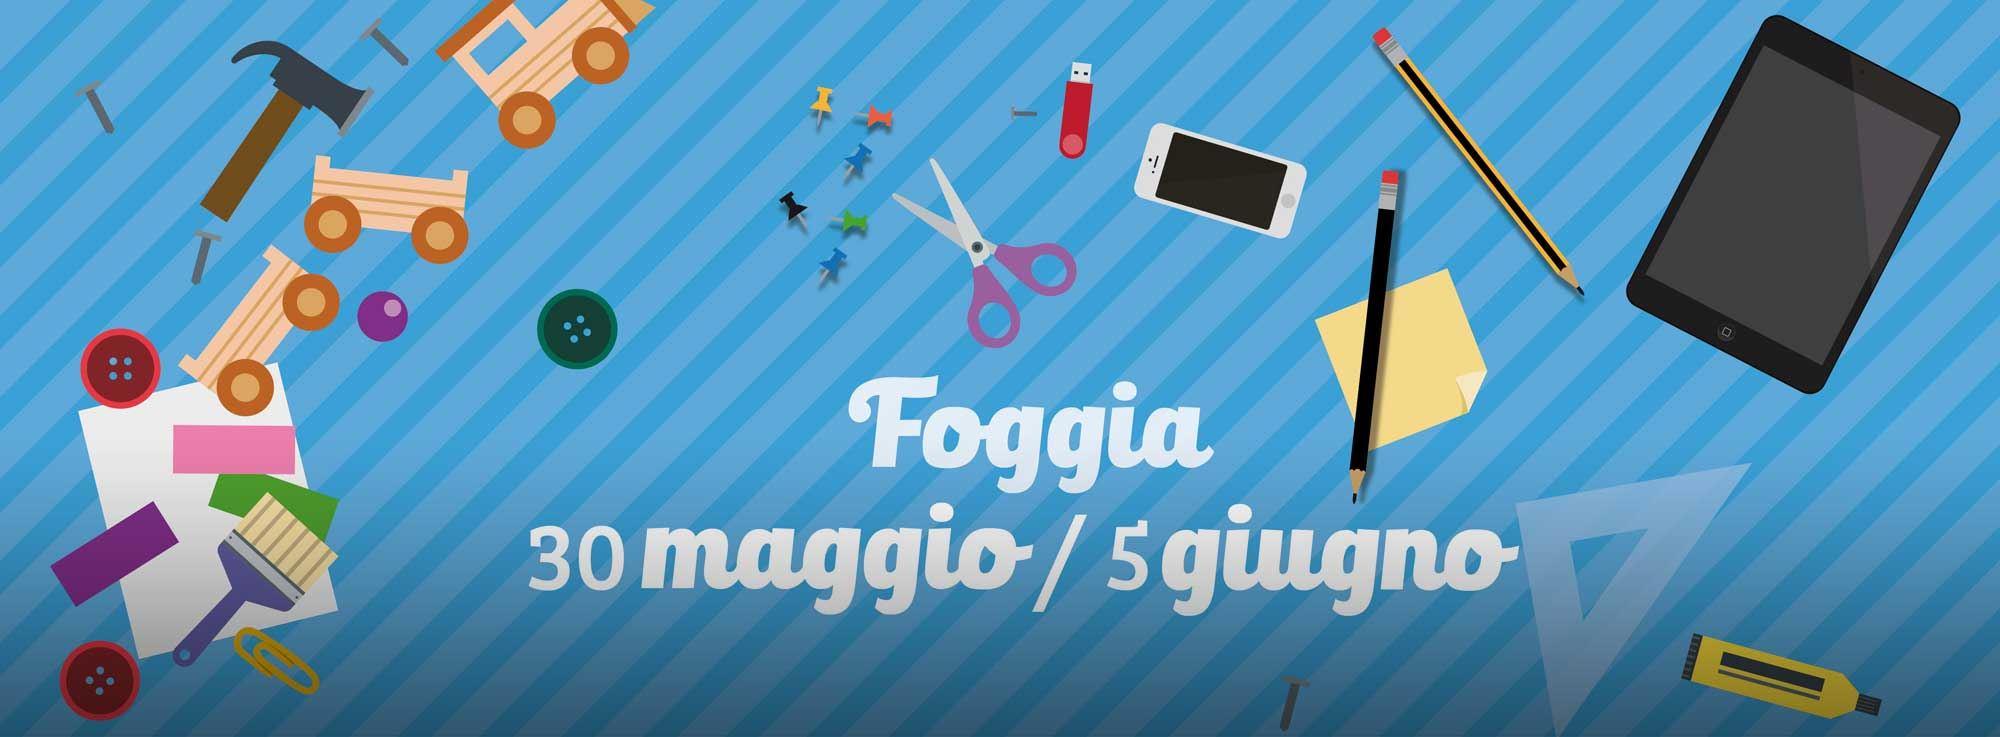 Foggia: MakerFoggia